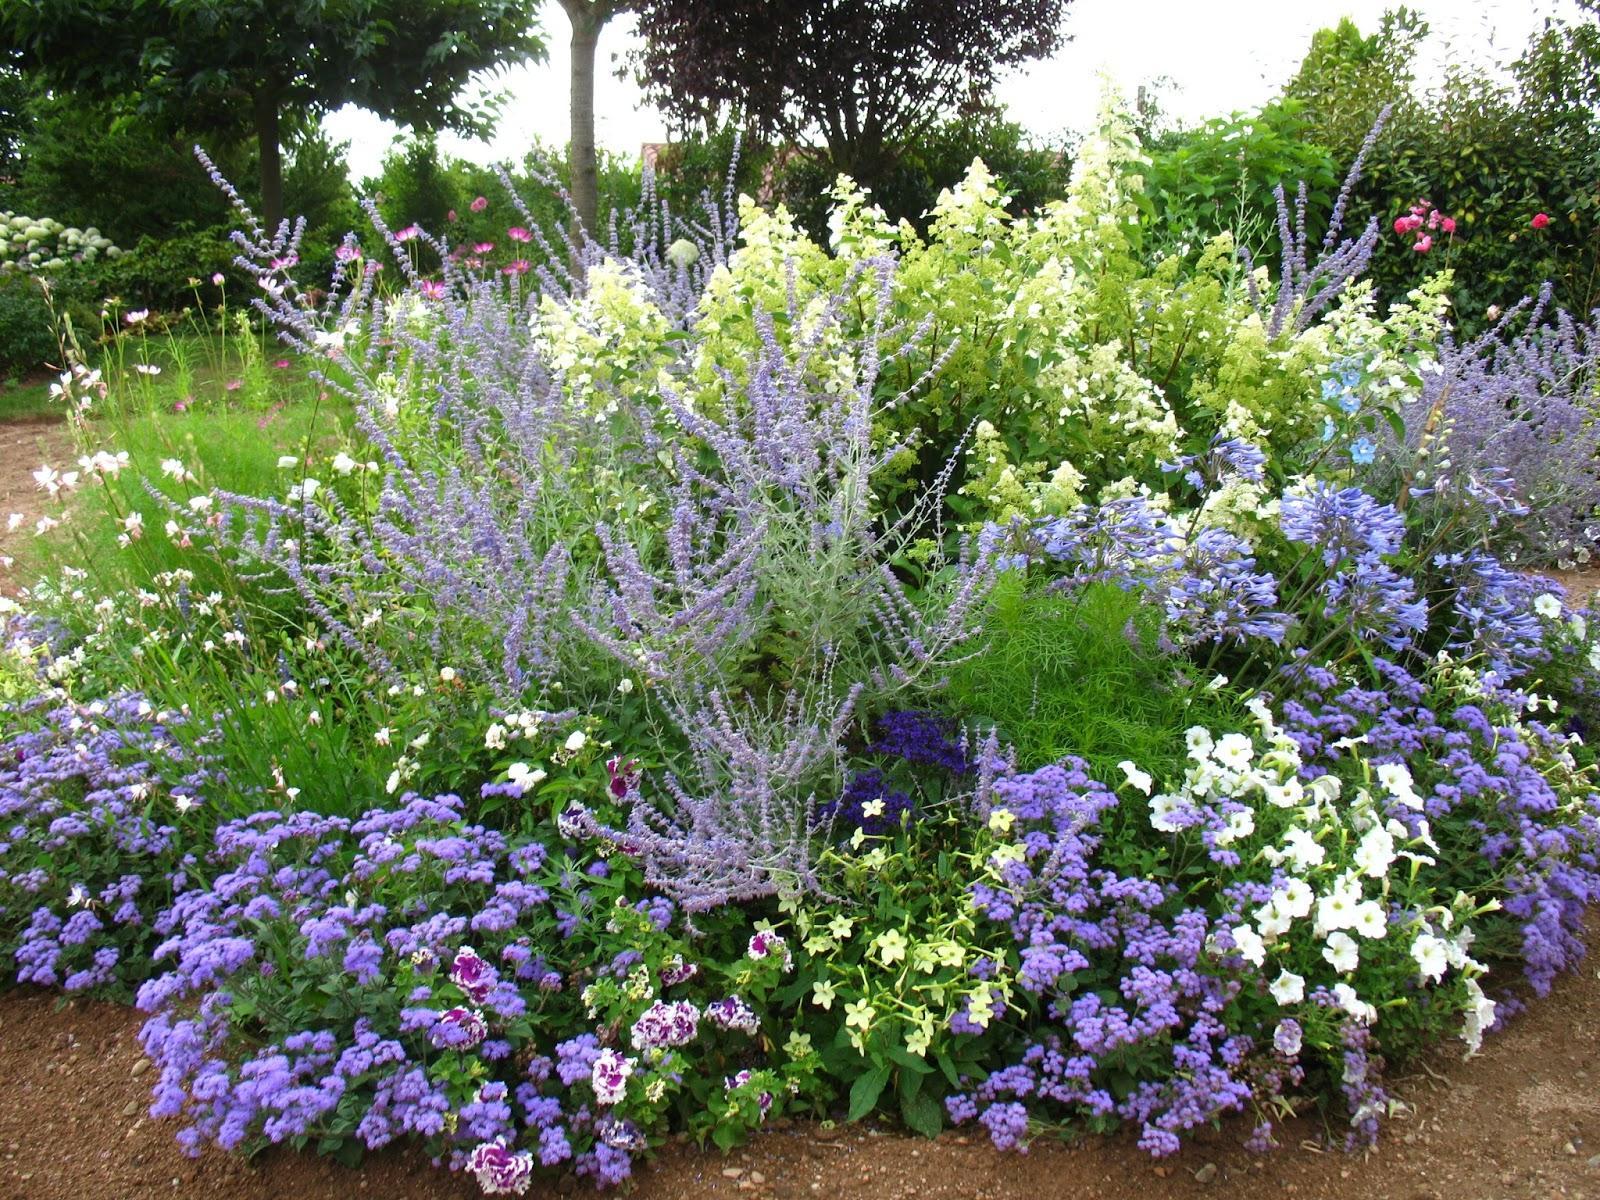 Záhrada,ktorá ťa nikdy neomrzí...divoká a krásna - Obrázok č. 106